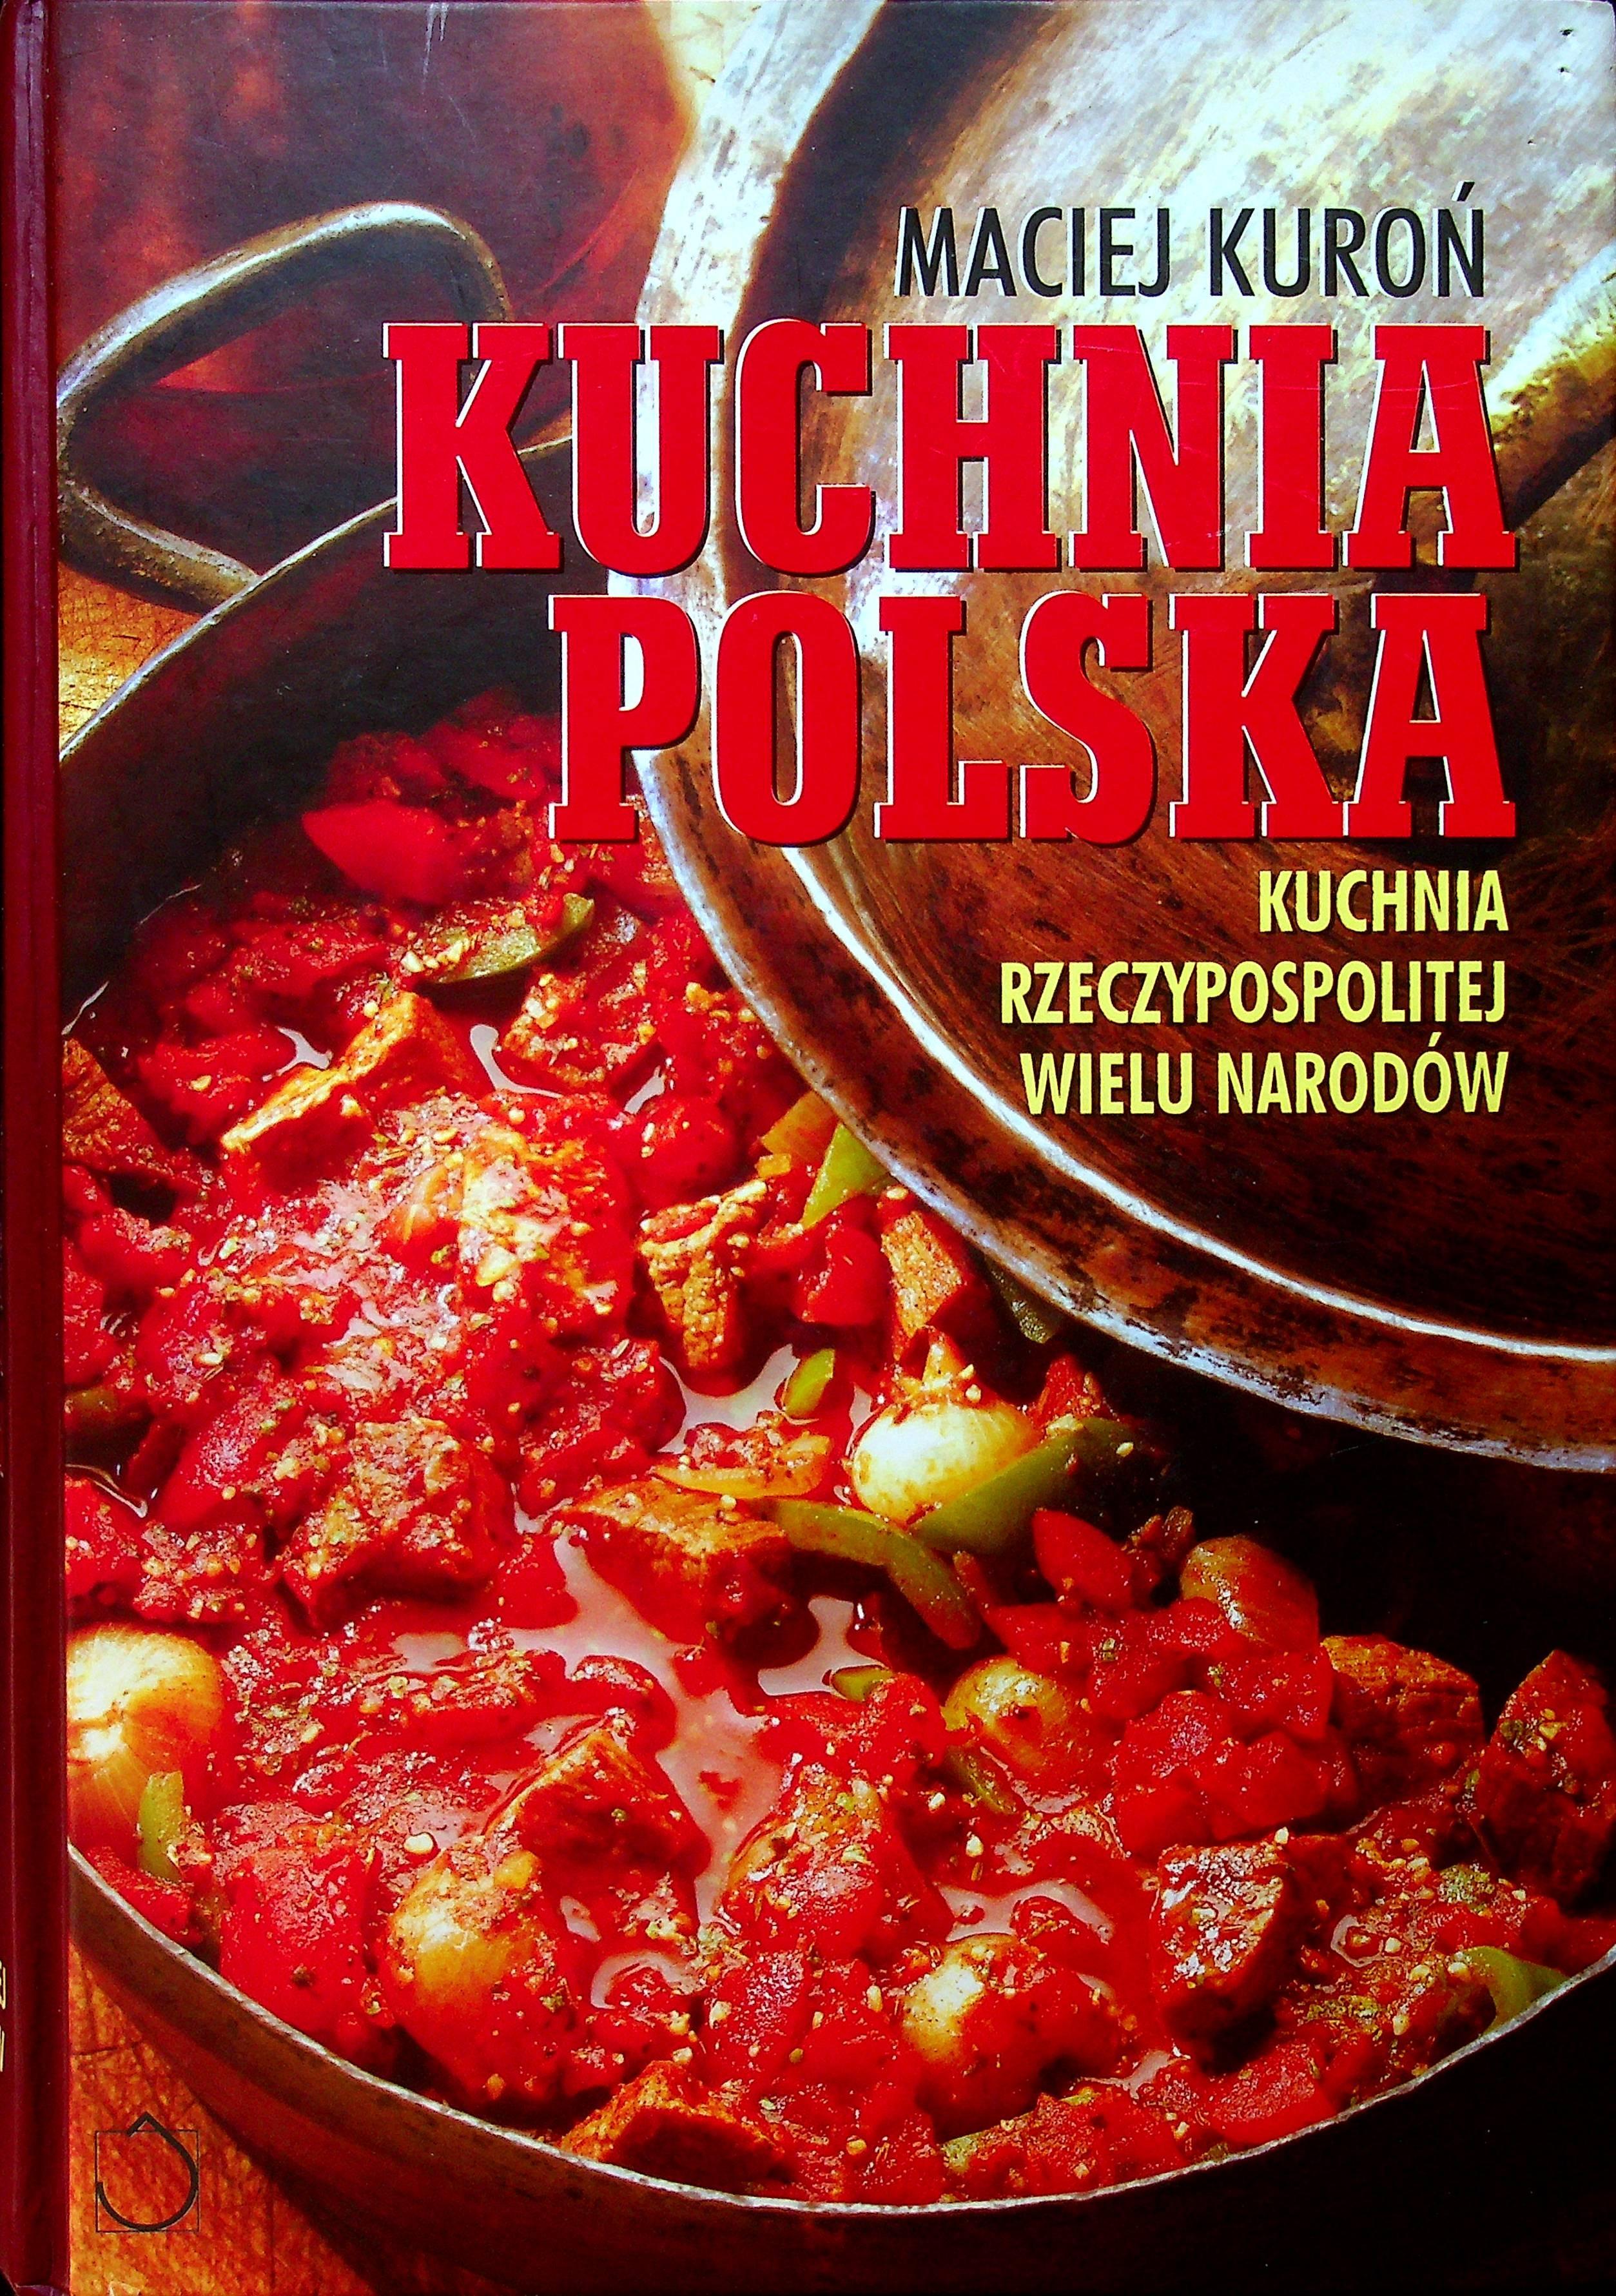 Kuchnia Polska Maciej Kuron 340 00 Zl Tezeusz Pl